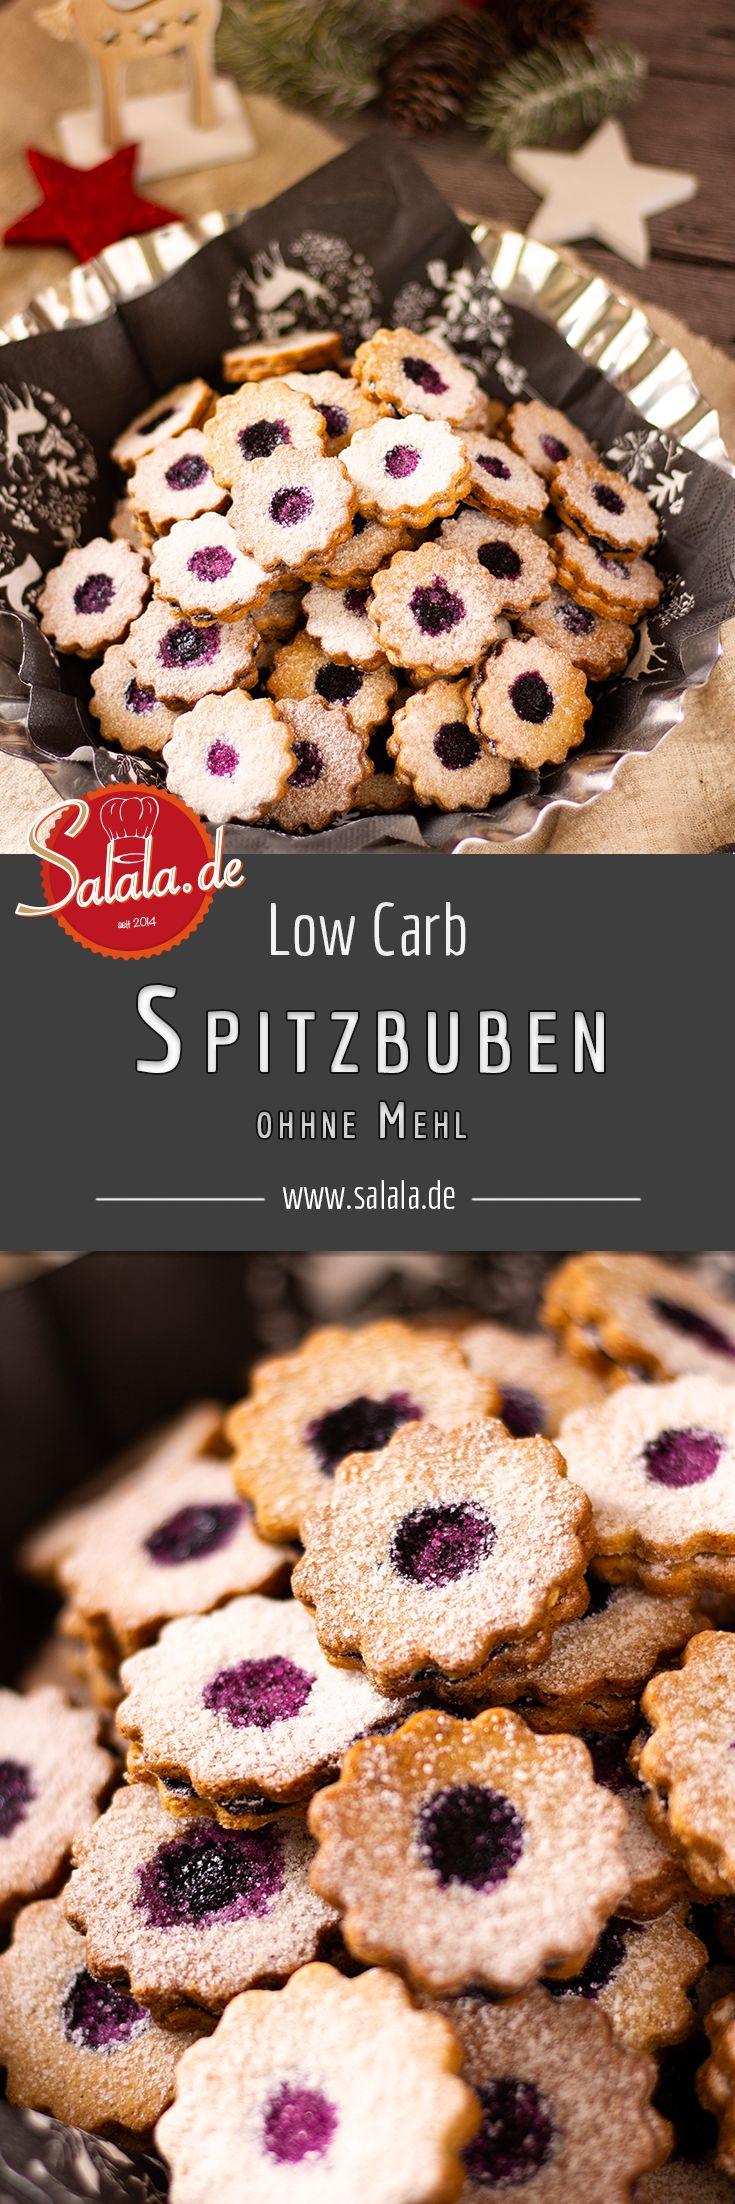 Spitzbuben – zuckerfreie Weihnachtsplätzchen – salala.de – Leckere Low Carb Rezepte zum kochen und backen